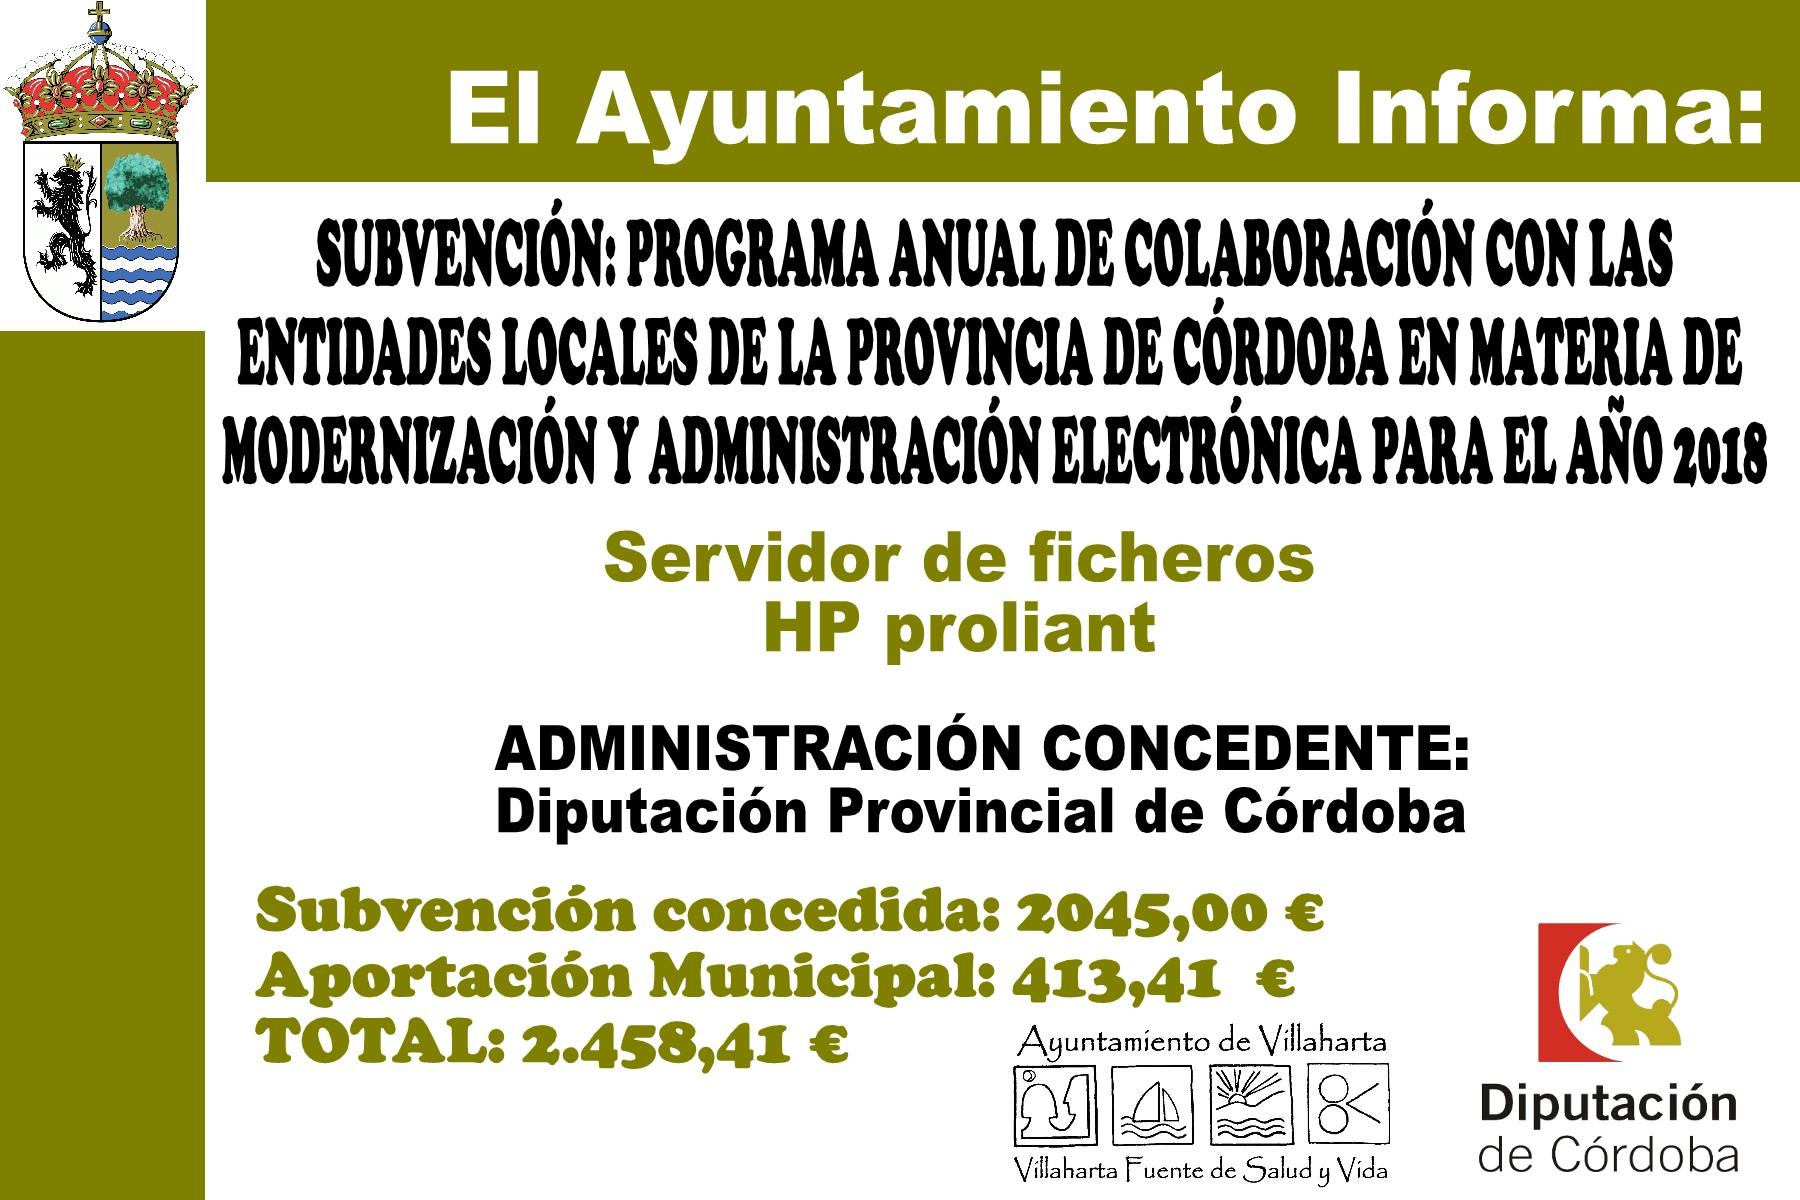 SUBVENCIONES RECIBIDAS. 2018 28